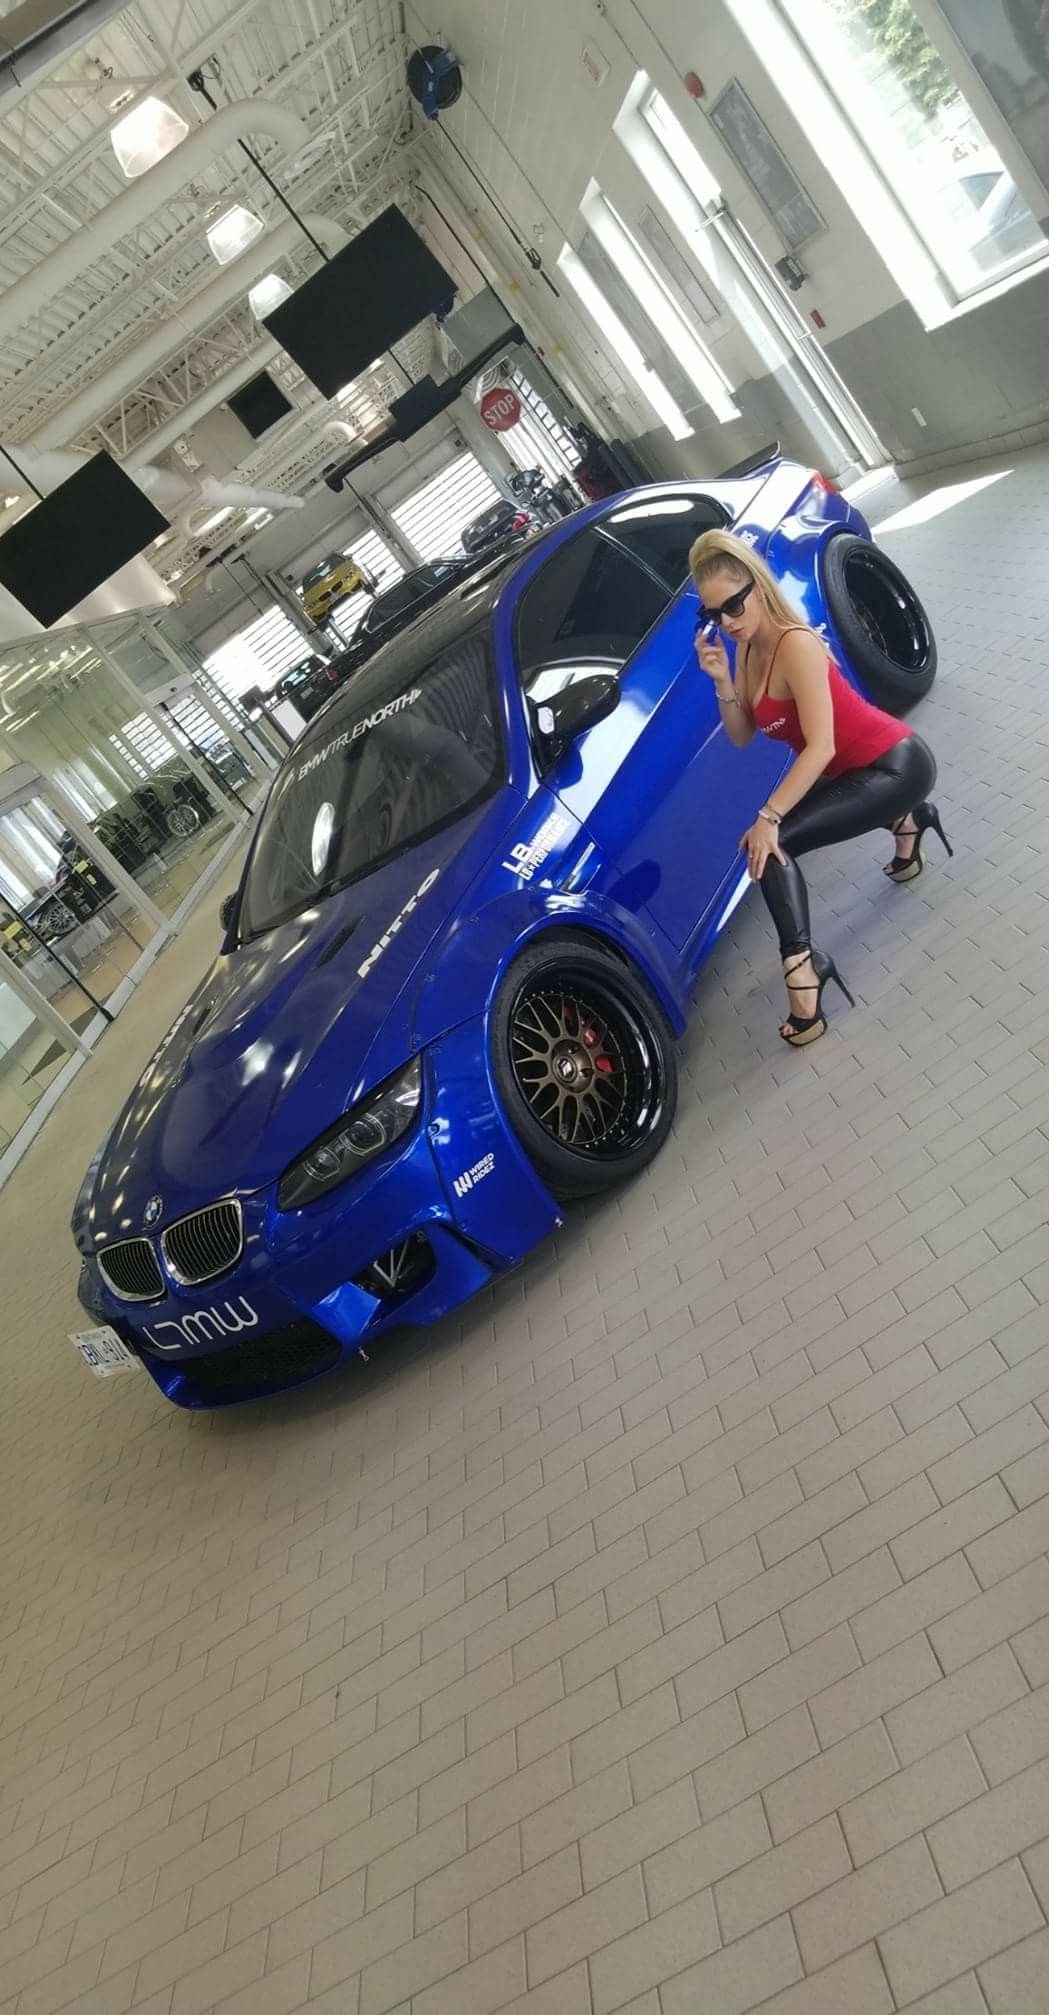 Bmw E92 M3 Blue Bmw Girl Bmw Cars Bmw 318i Bmw 335i e92 blue car hd wallpaper